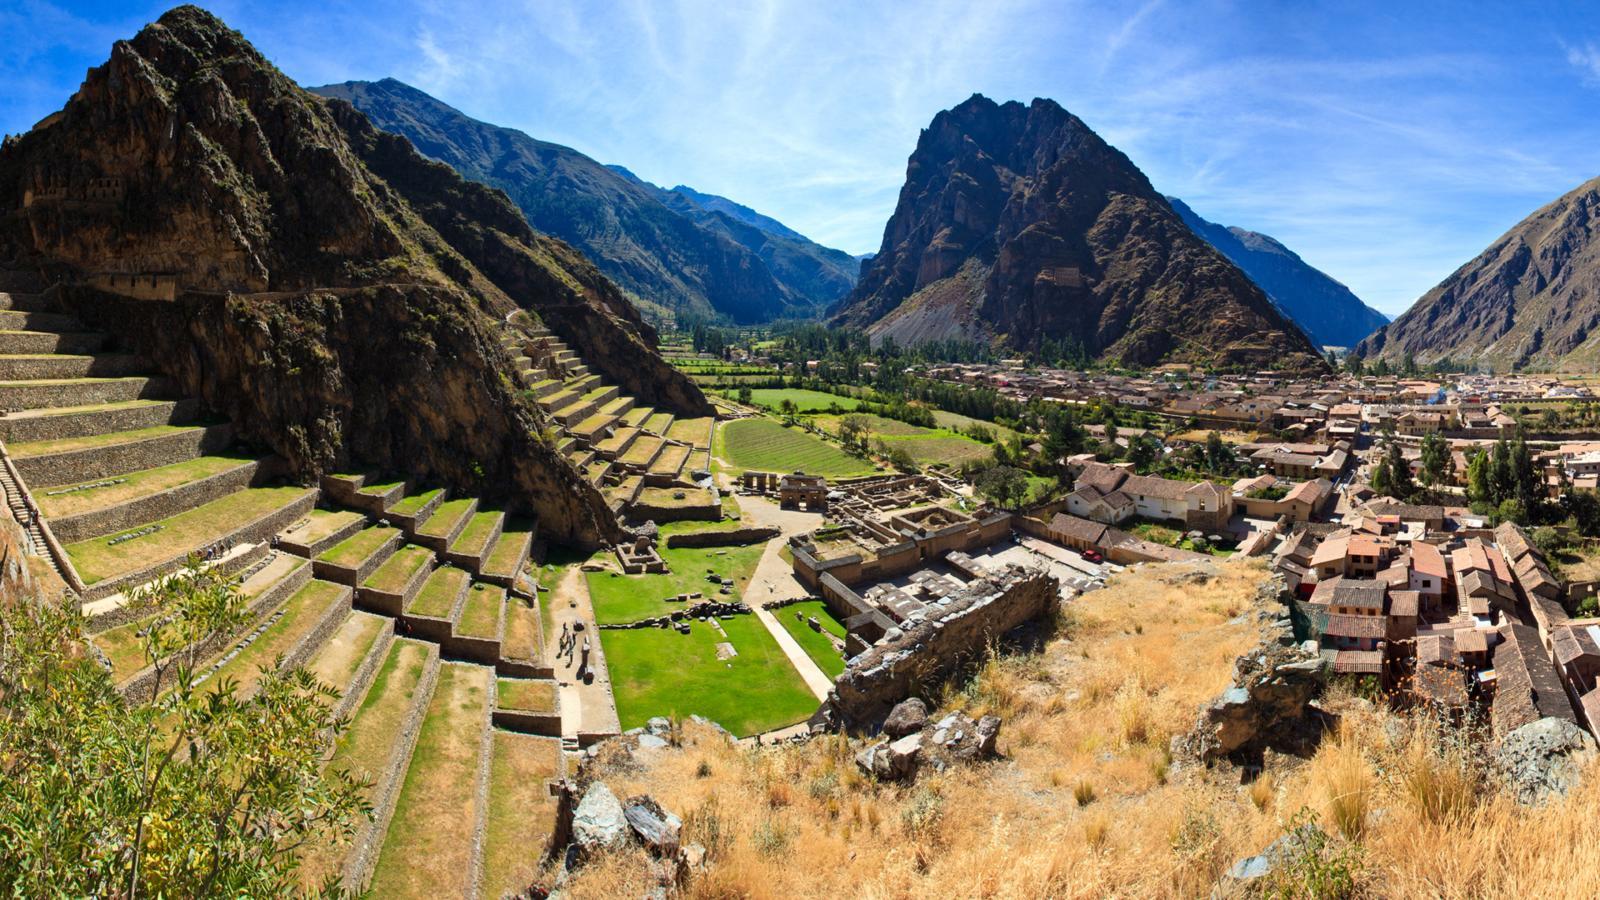 valle con ruinas y restos arqueologicos